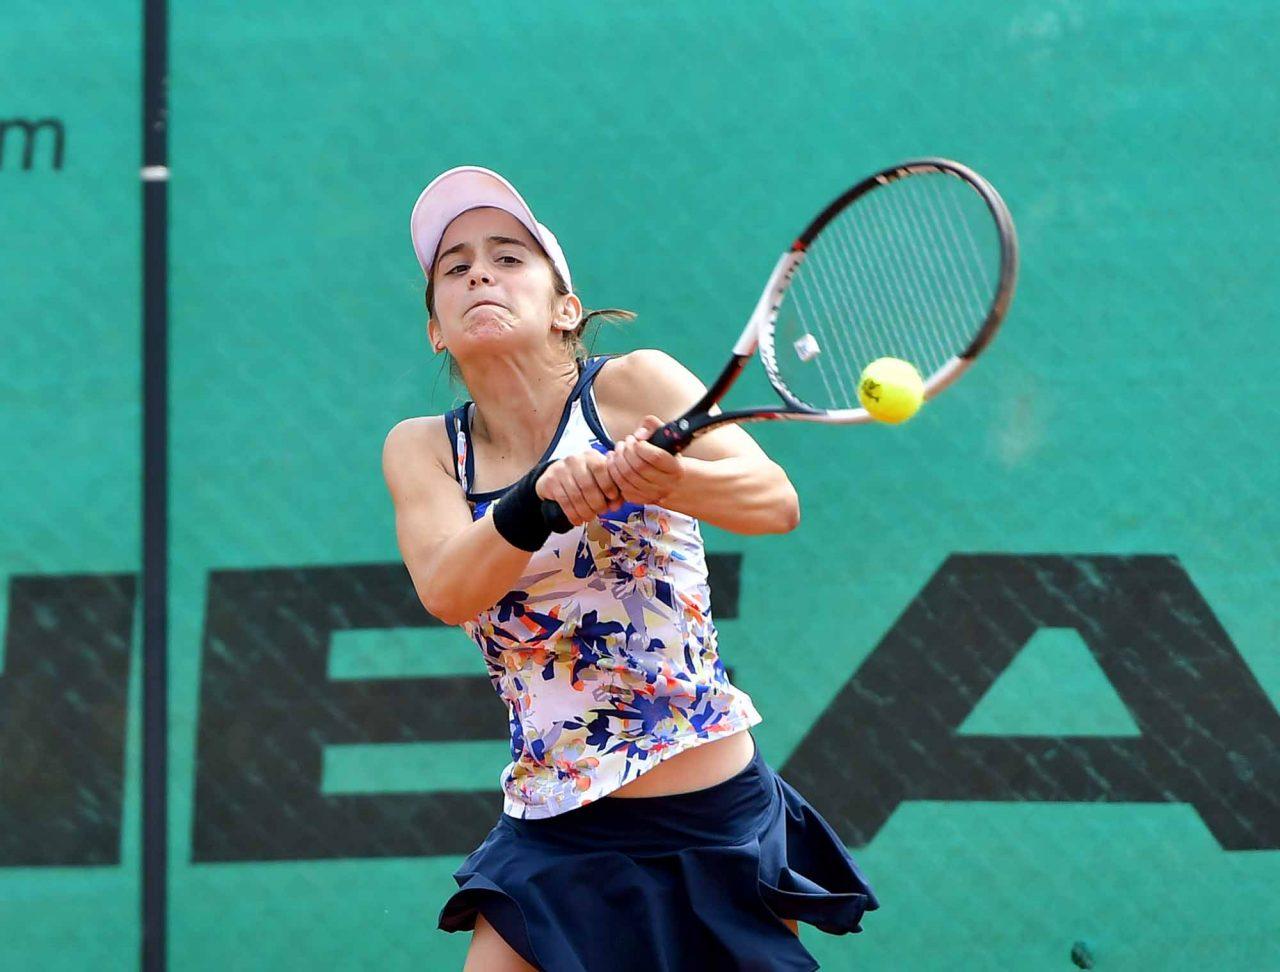 Държавно първенство тенис до 14 год. ТК 15-40 финал двойки (27)